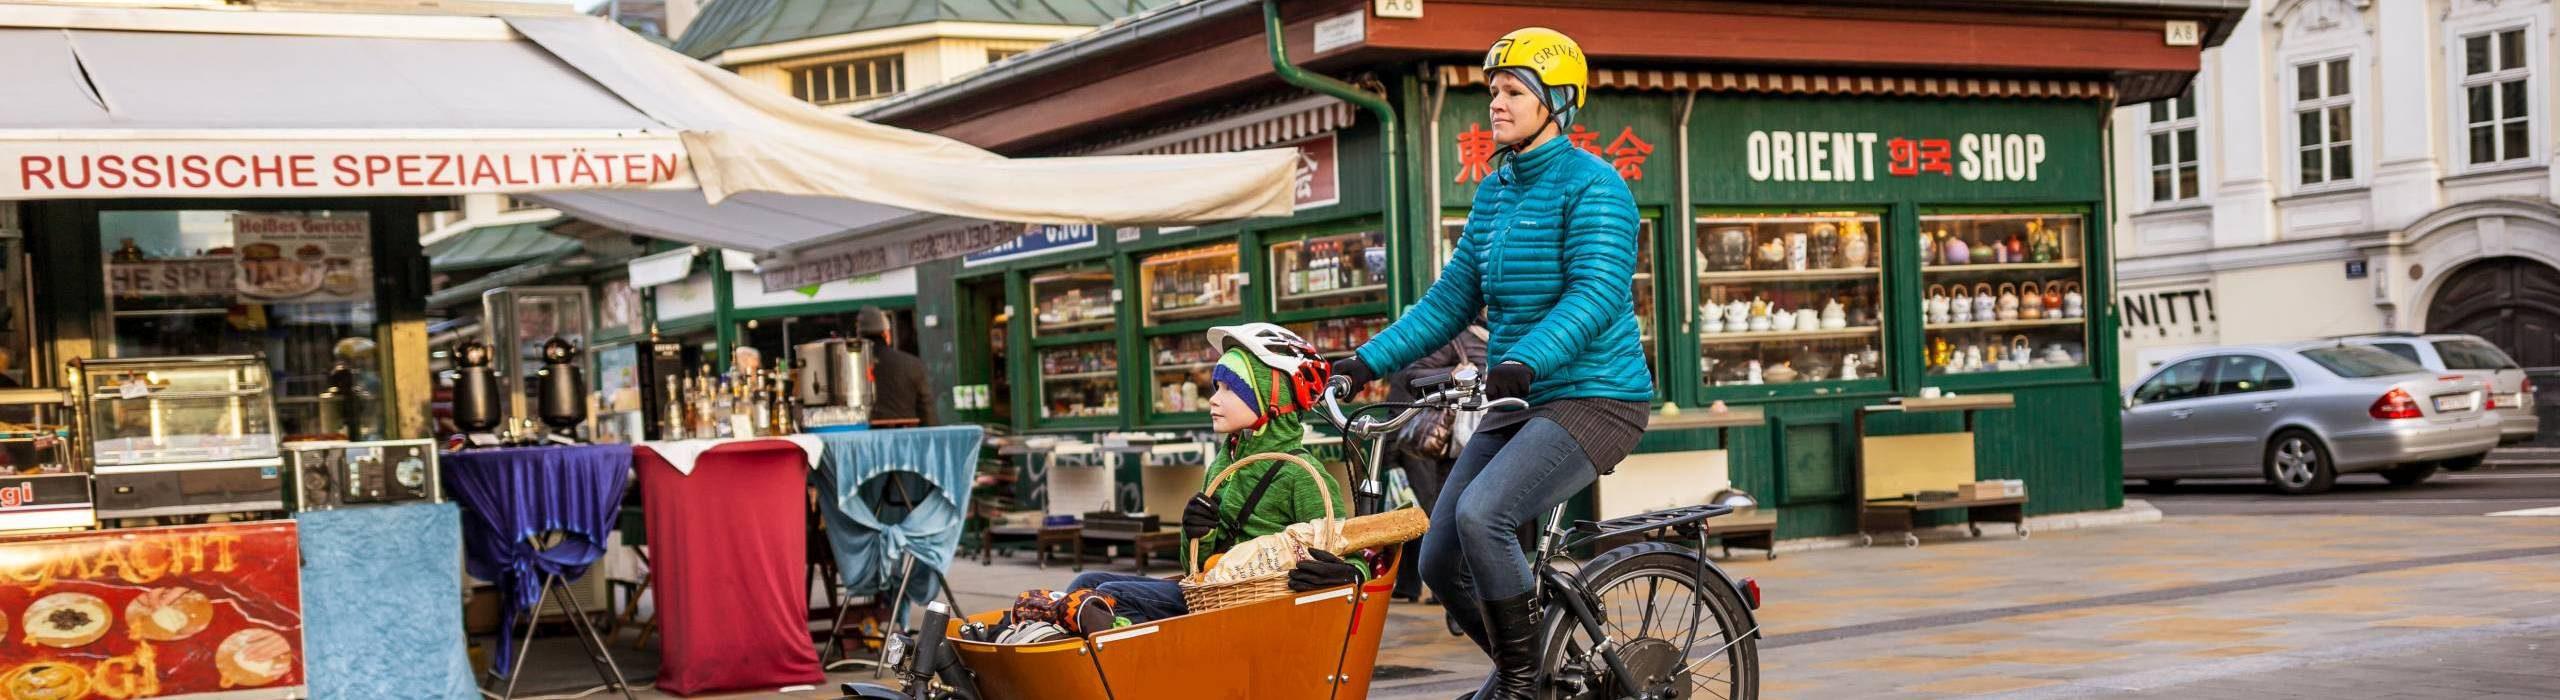 Frau fährt ein Transportfahrrad. Im Korb sitzt ihr Sohn. Foto: Stephan Doleschal